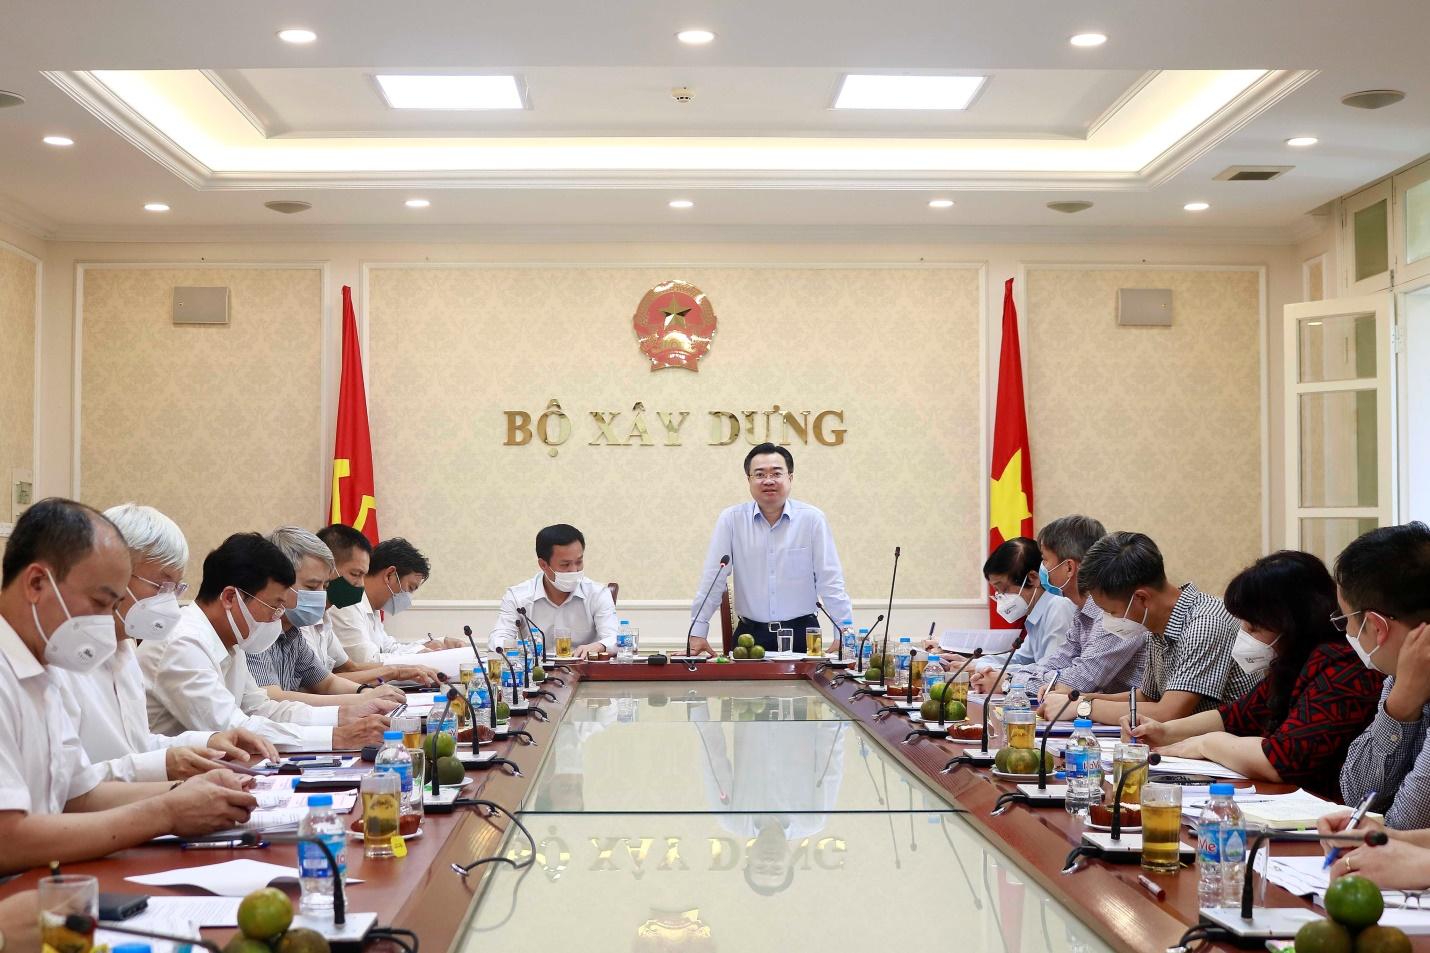 Thẩm định Nhiệm vụ điều chỉnh Quy hoạch chung thành phố Hải Dương đến năm 2040, tầm nhìn đến năm 2050